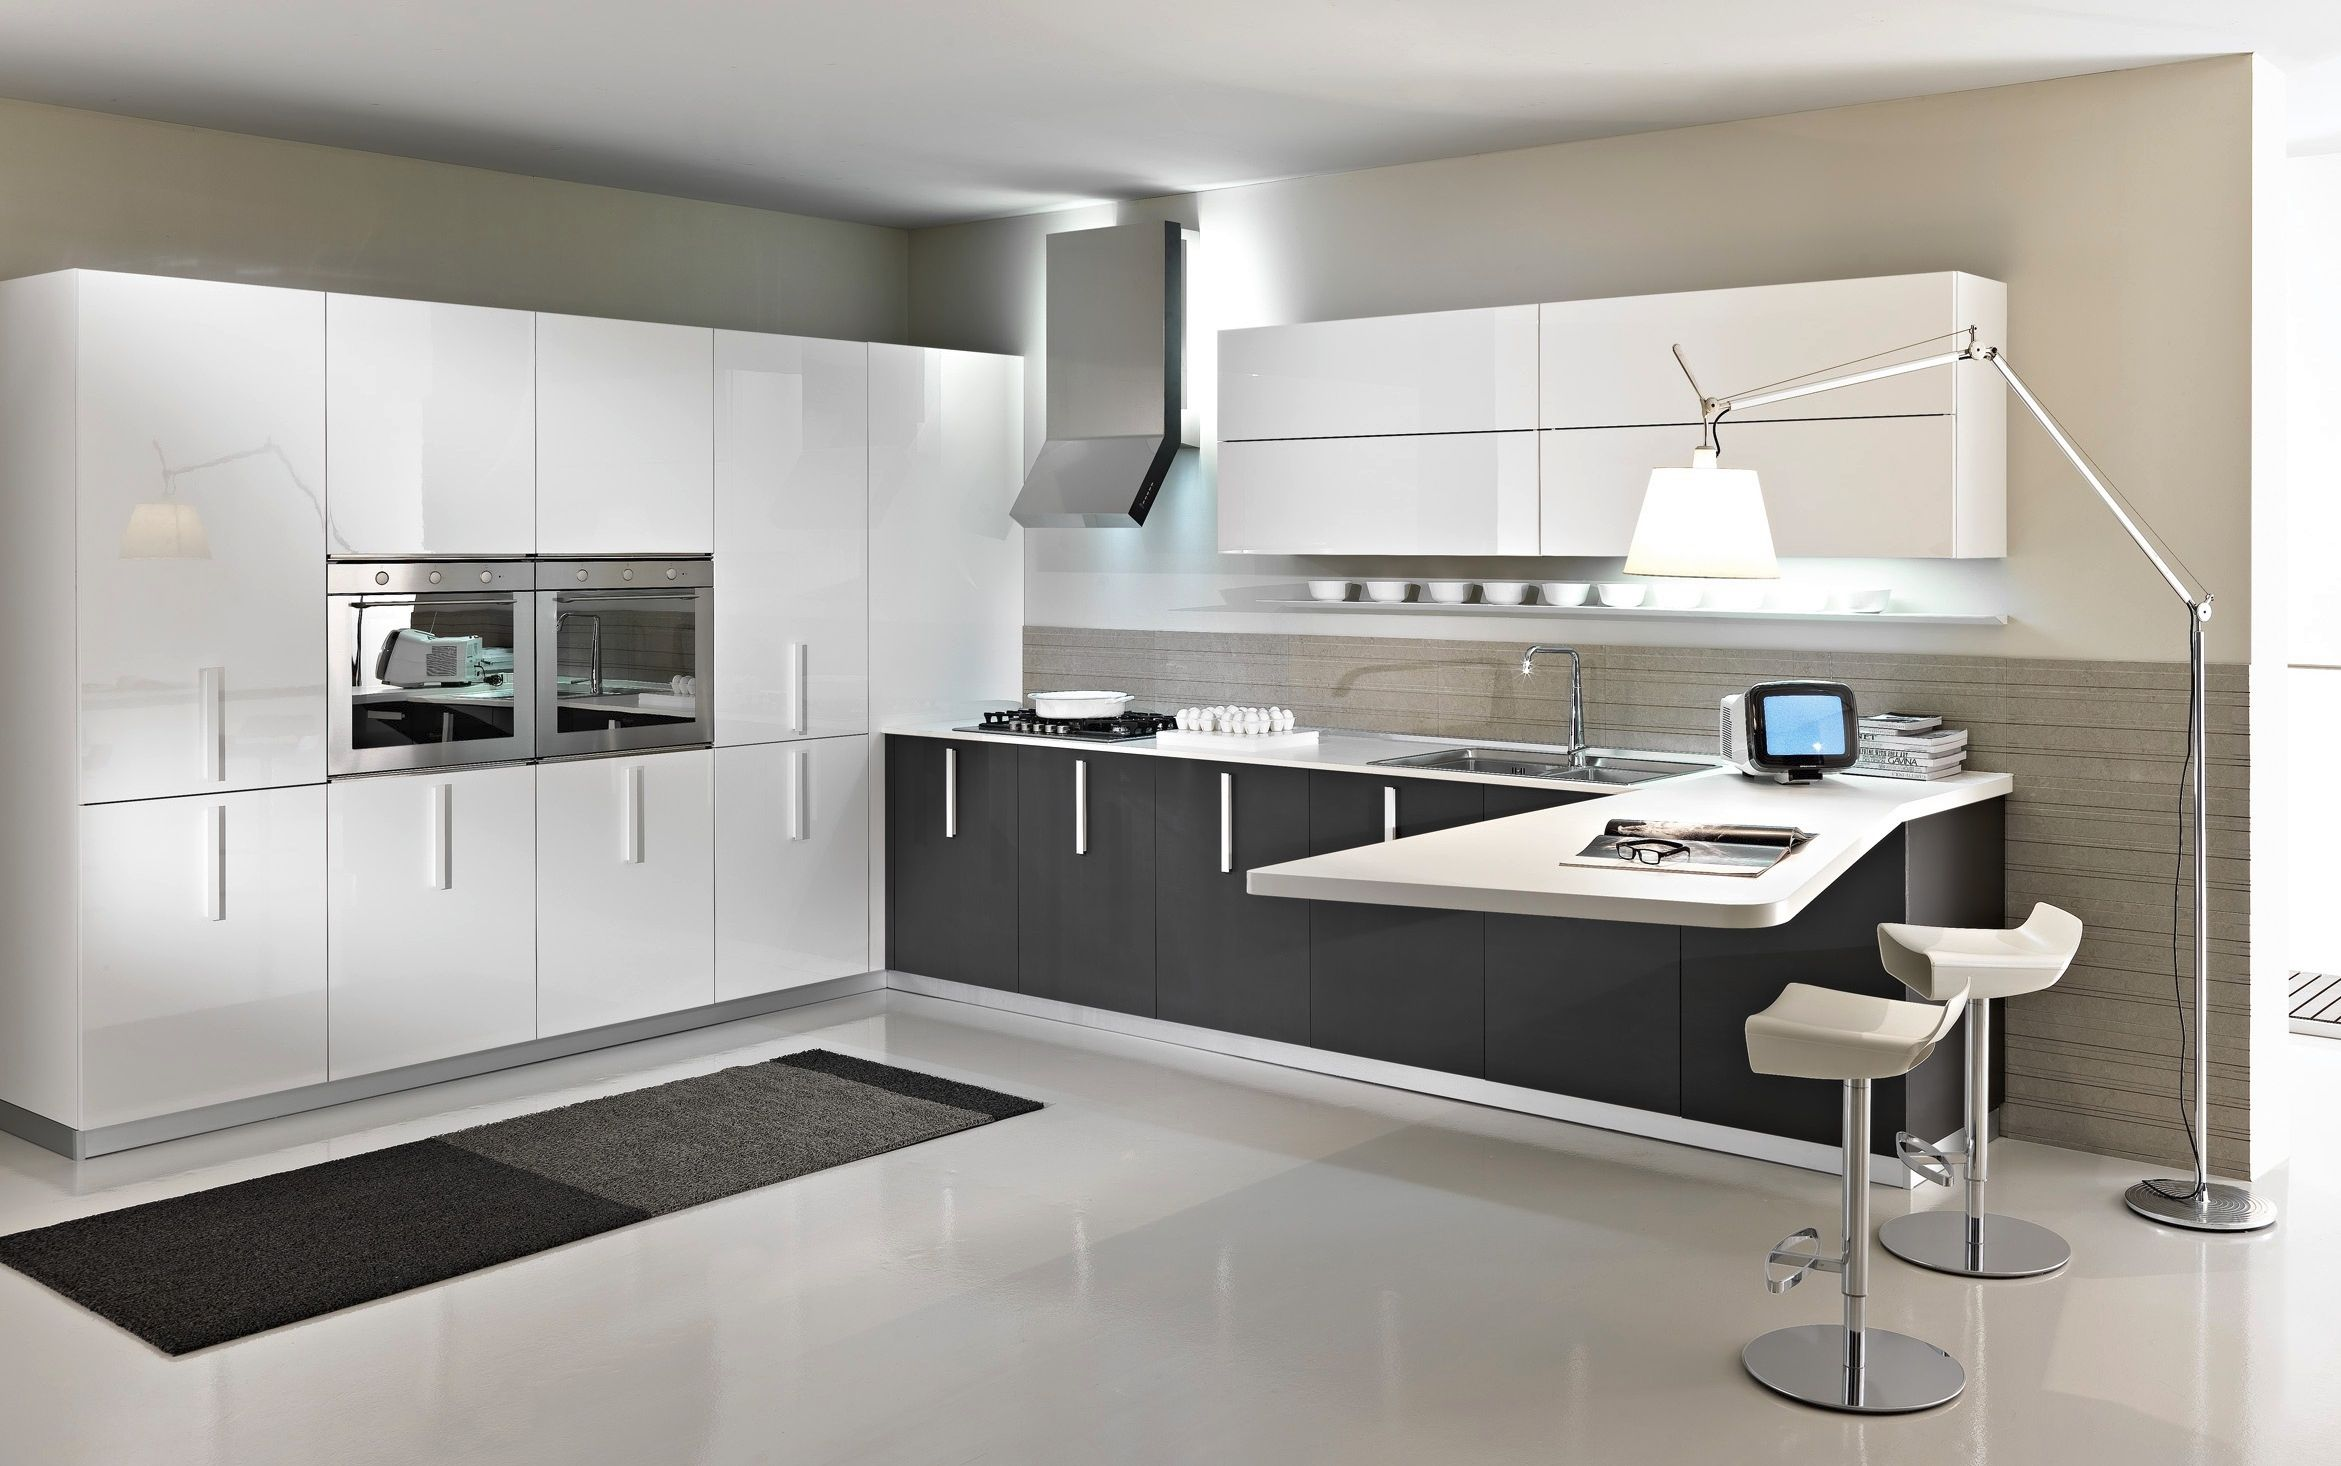 Cucine moderne prezzi for Enchapes para cocina modernos